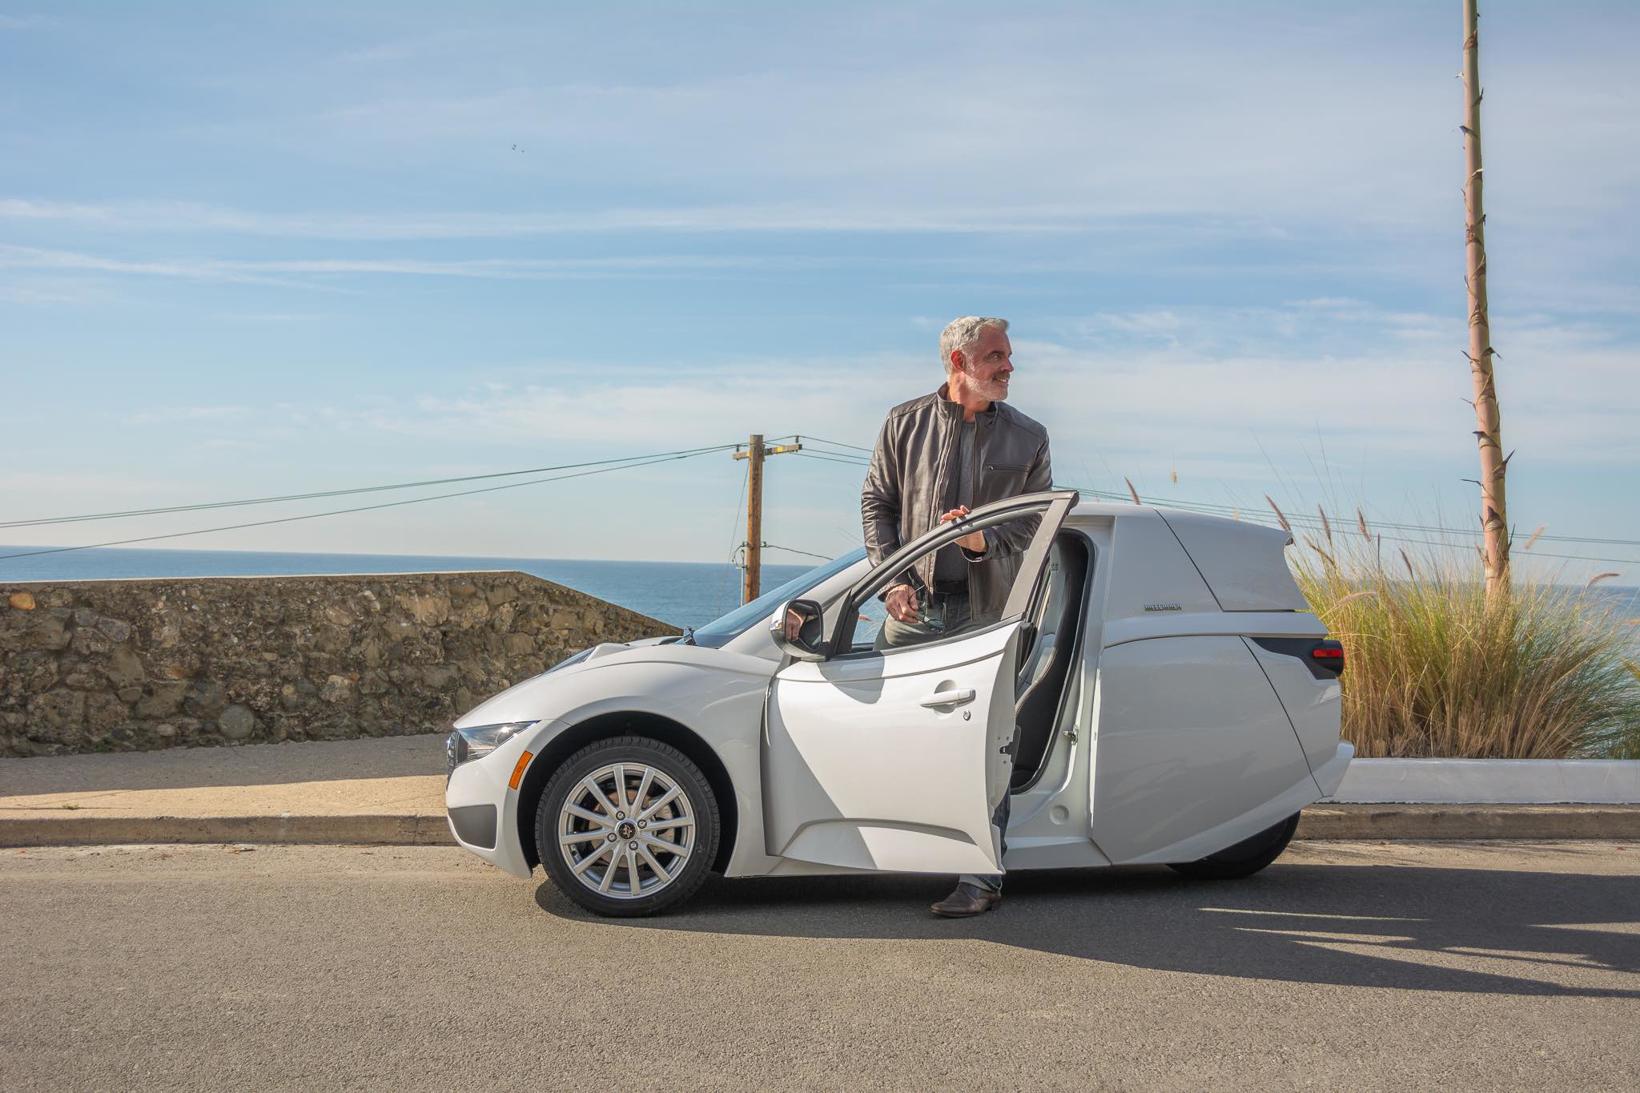 加拿大电动车制造商ElectraMeccanica将在亚利桑那建厂